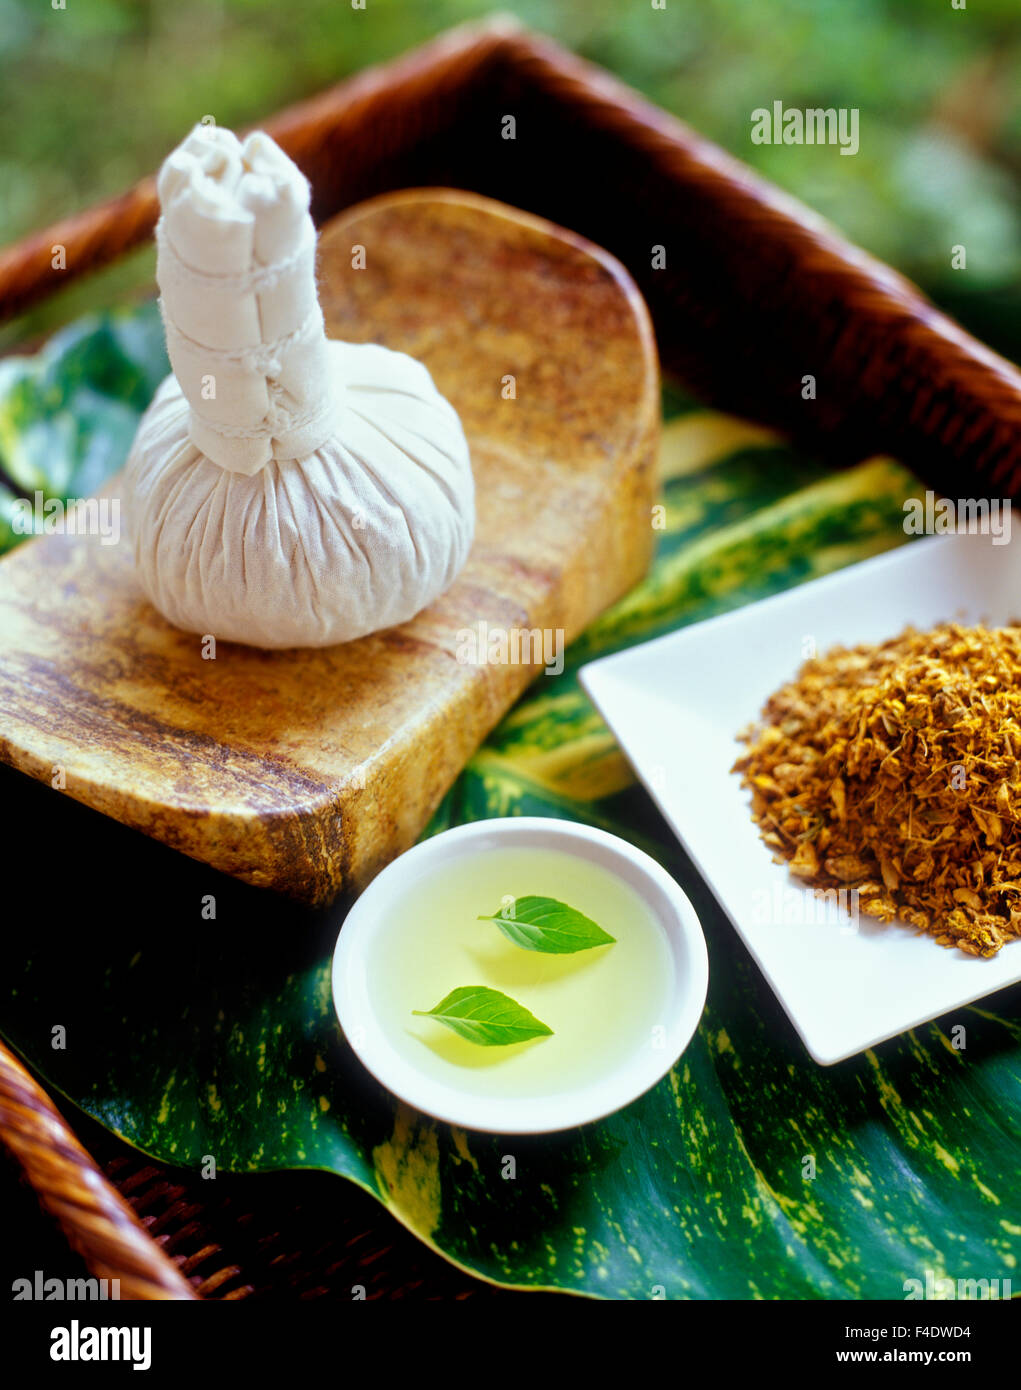 Ingrédients pour un poultice chaud massage. Les feuilles de basilic dans l'huile de pépins de raisin, Photo Stock